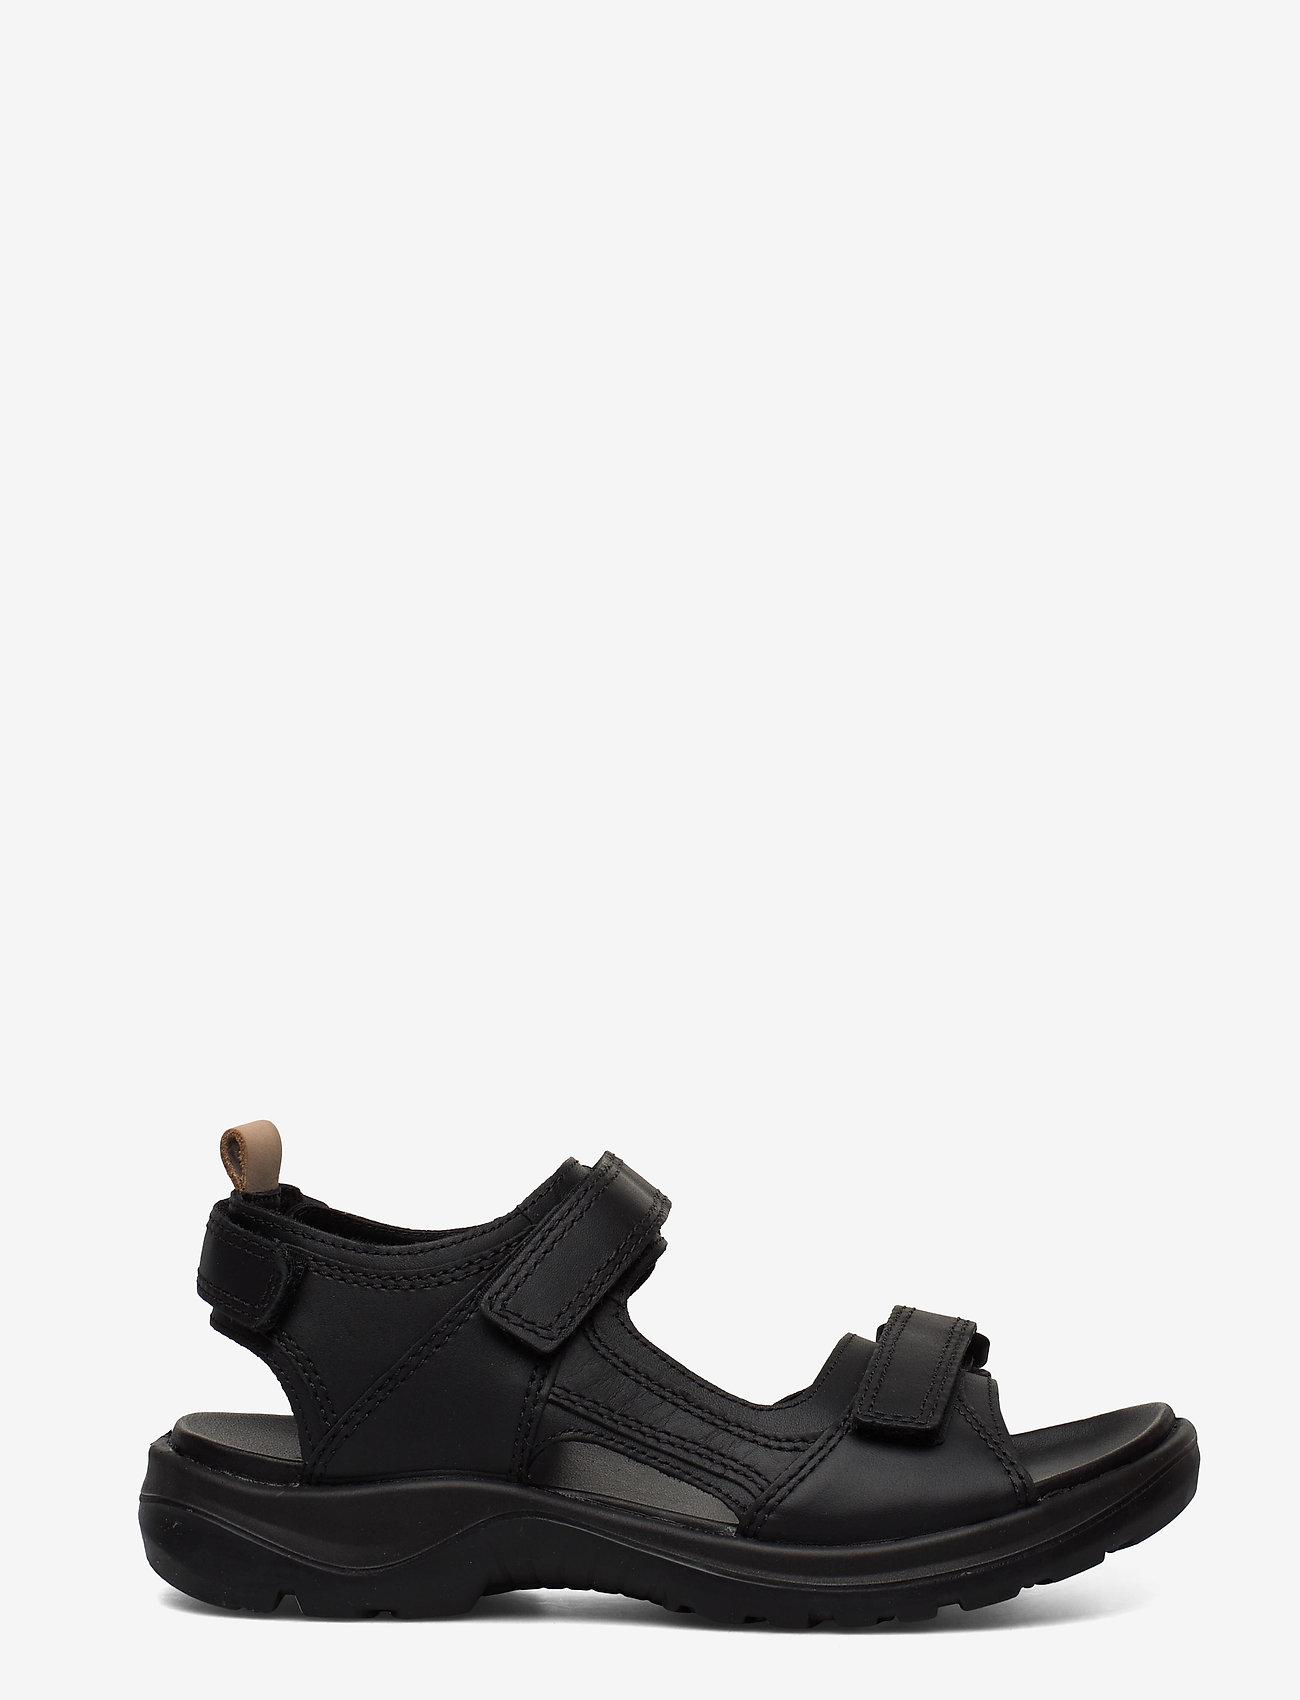 ECCO - OFFROAD - flat sandals - black/powder - 1